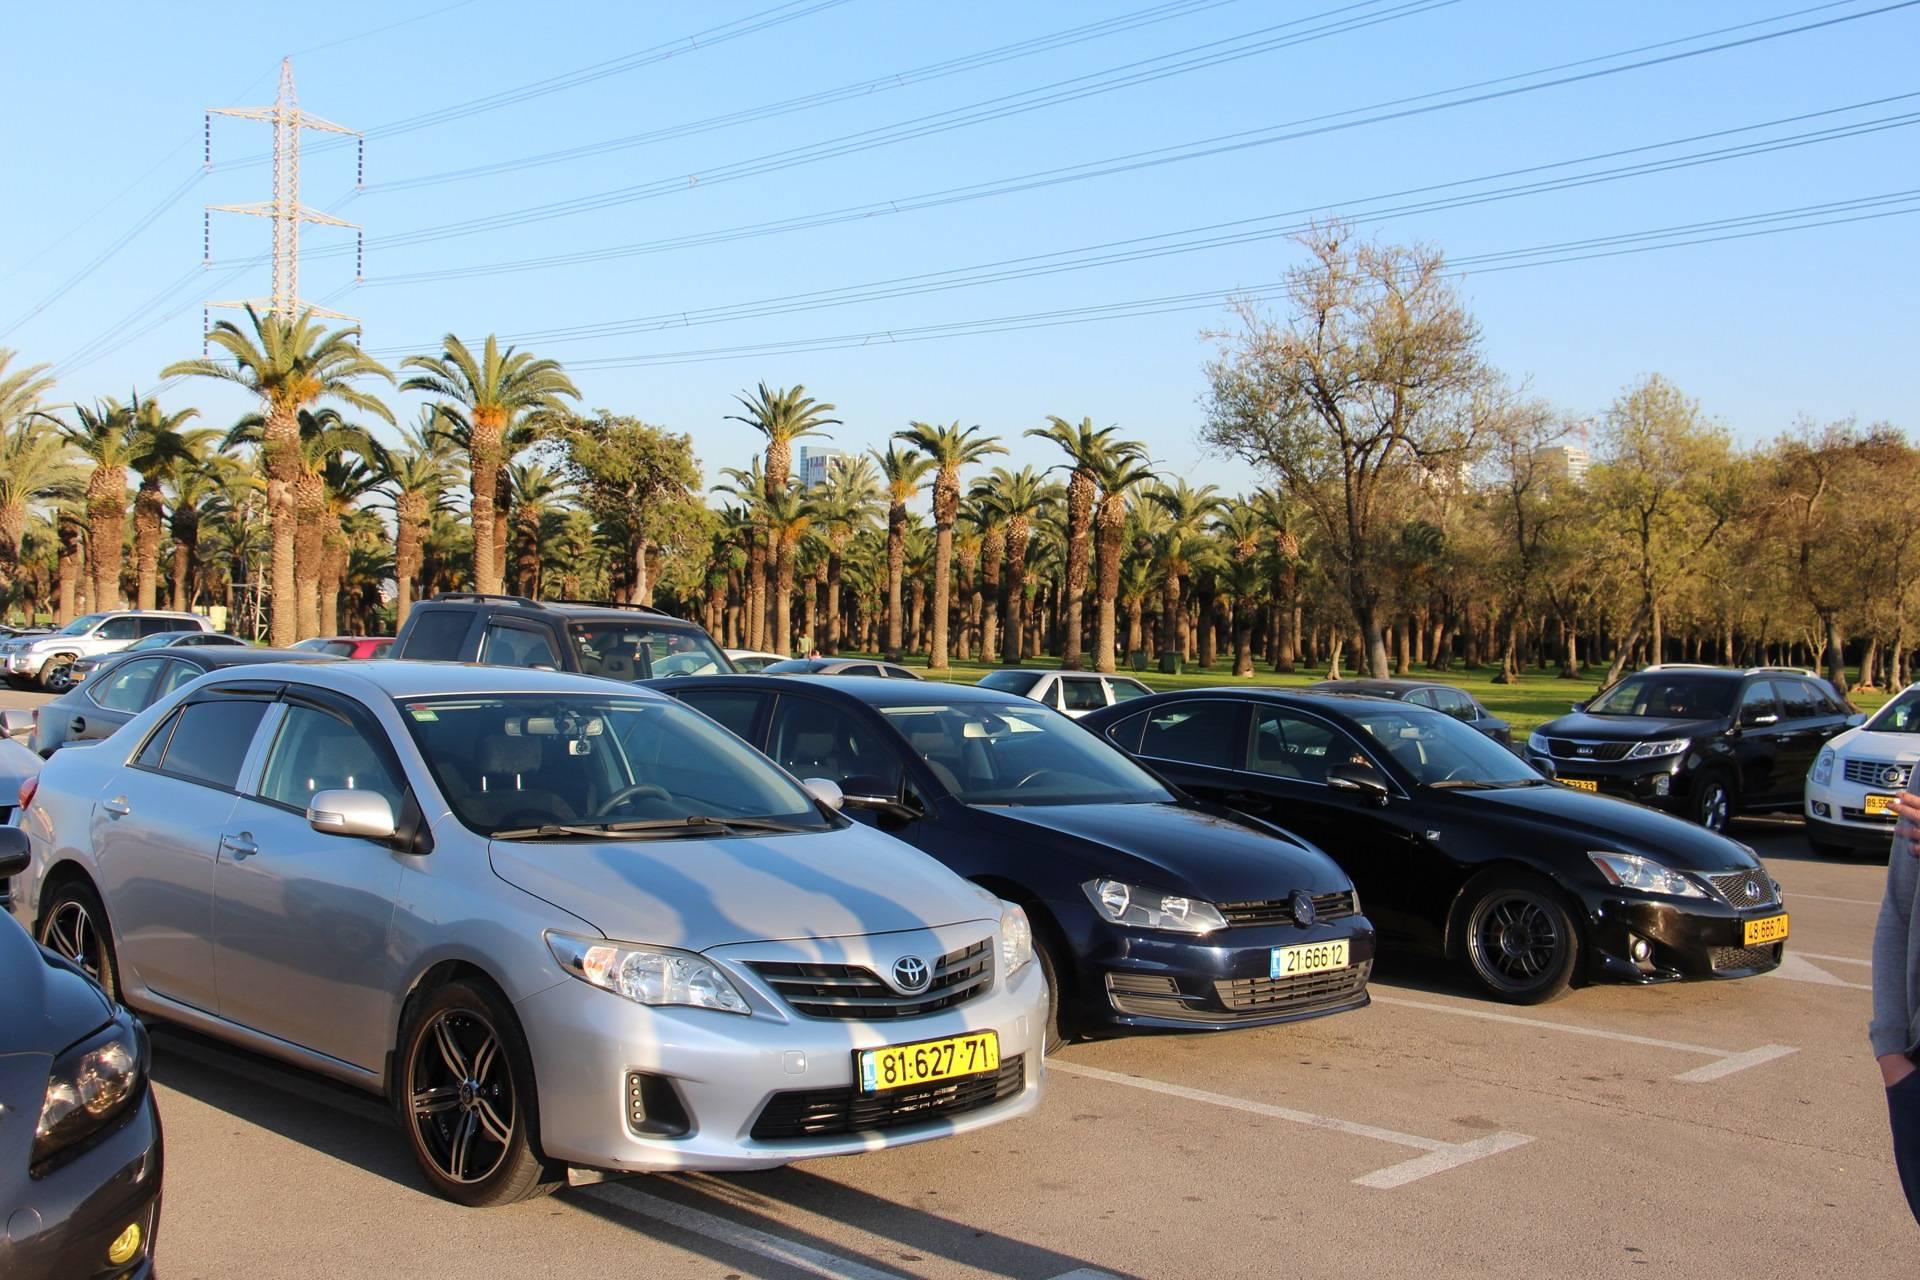 Купить авто в израиле в 2021 году: выбираем новую машину или со вторых рук